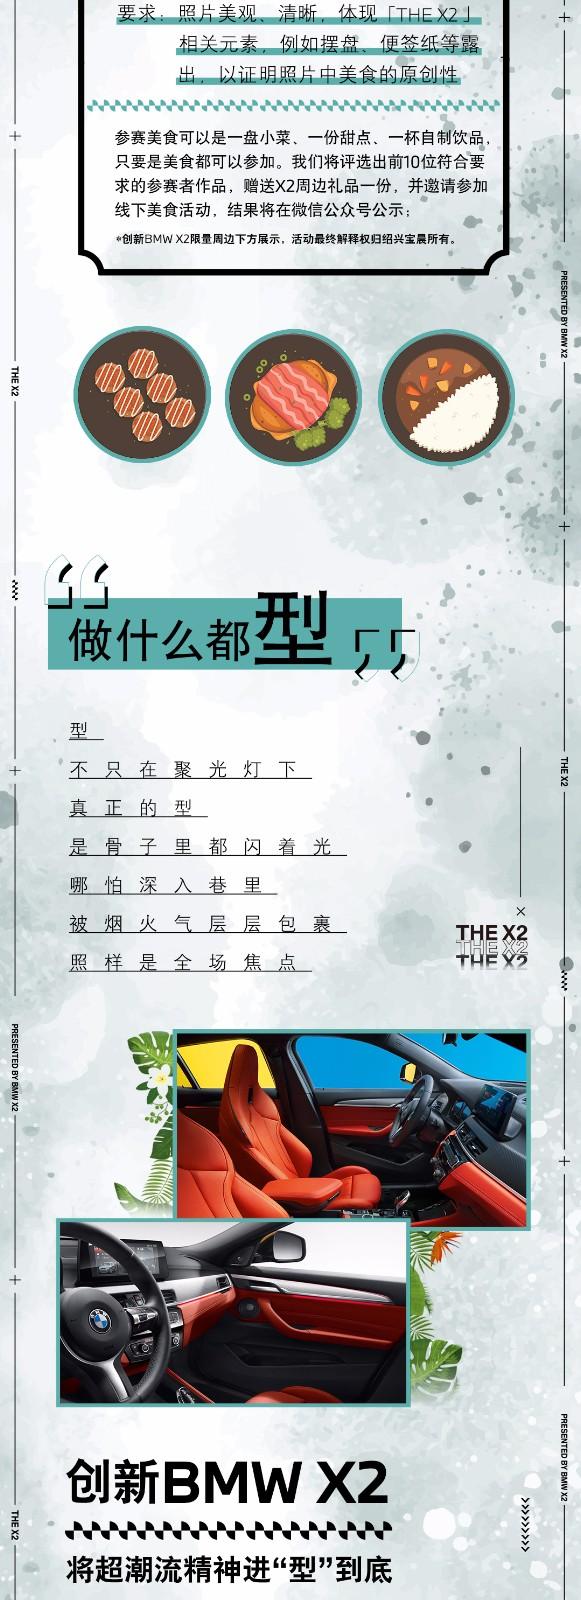 宣传-1_02.jpg